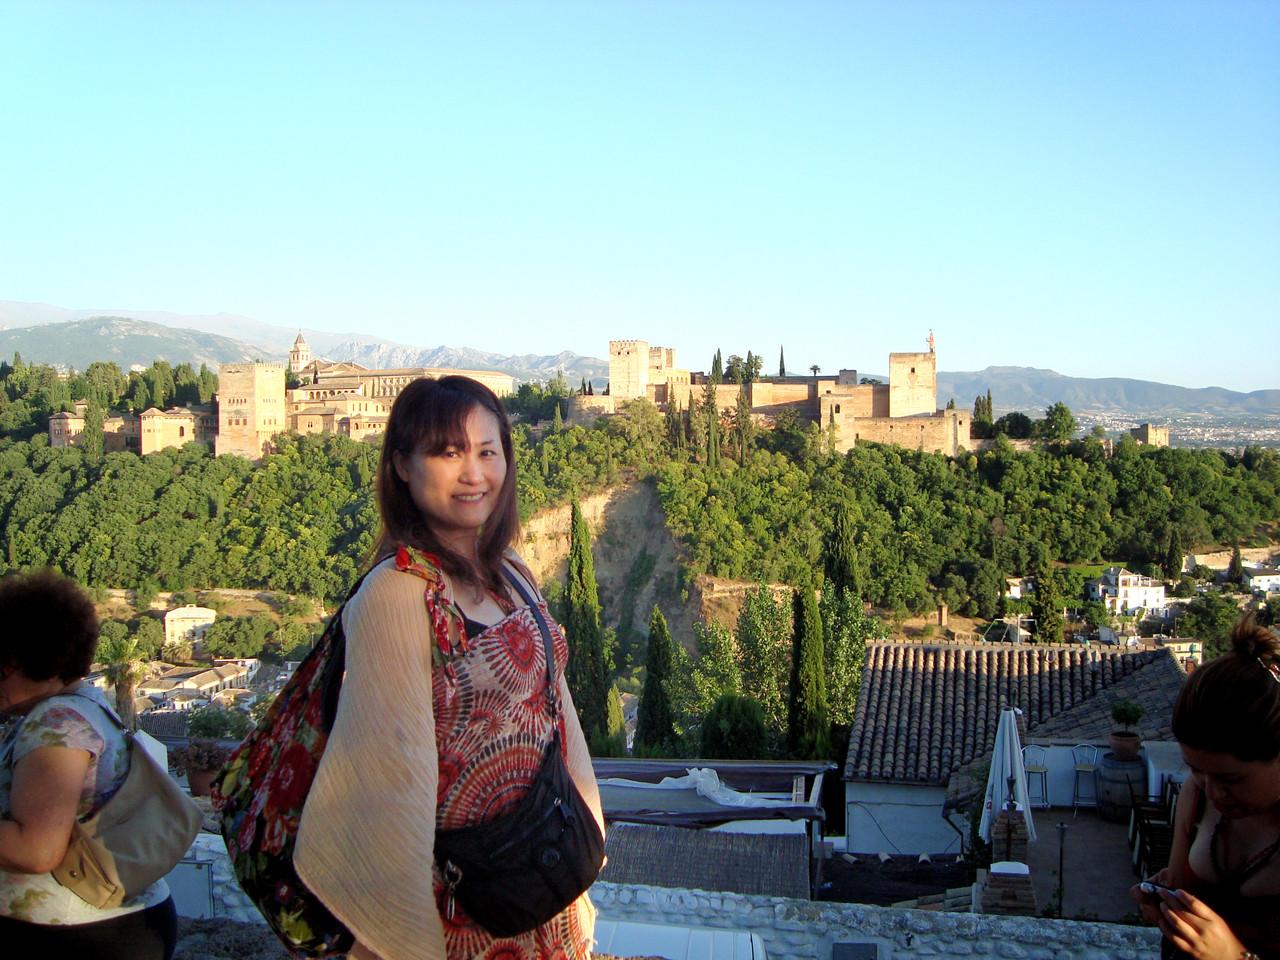 広い大きな宮殿です。朝から回りました。